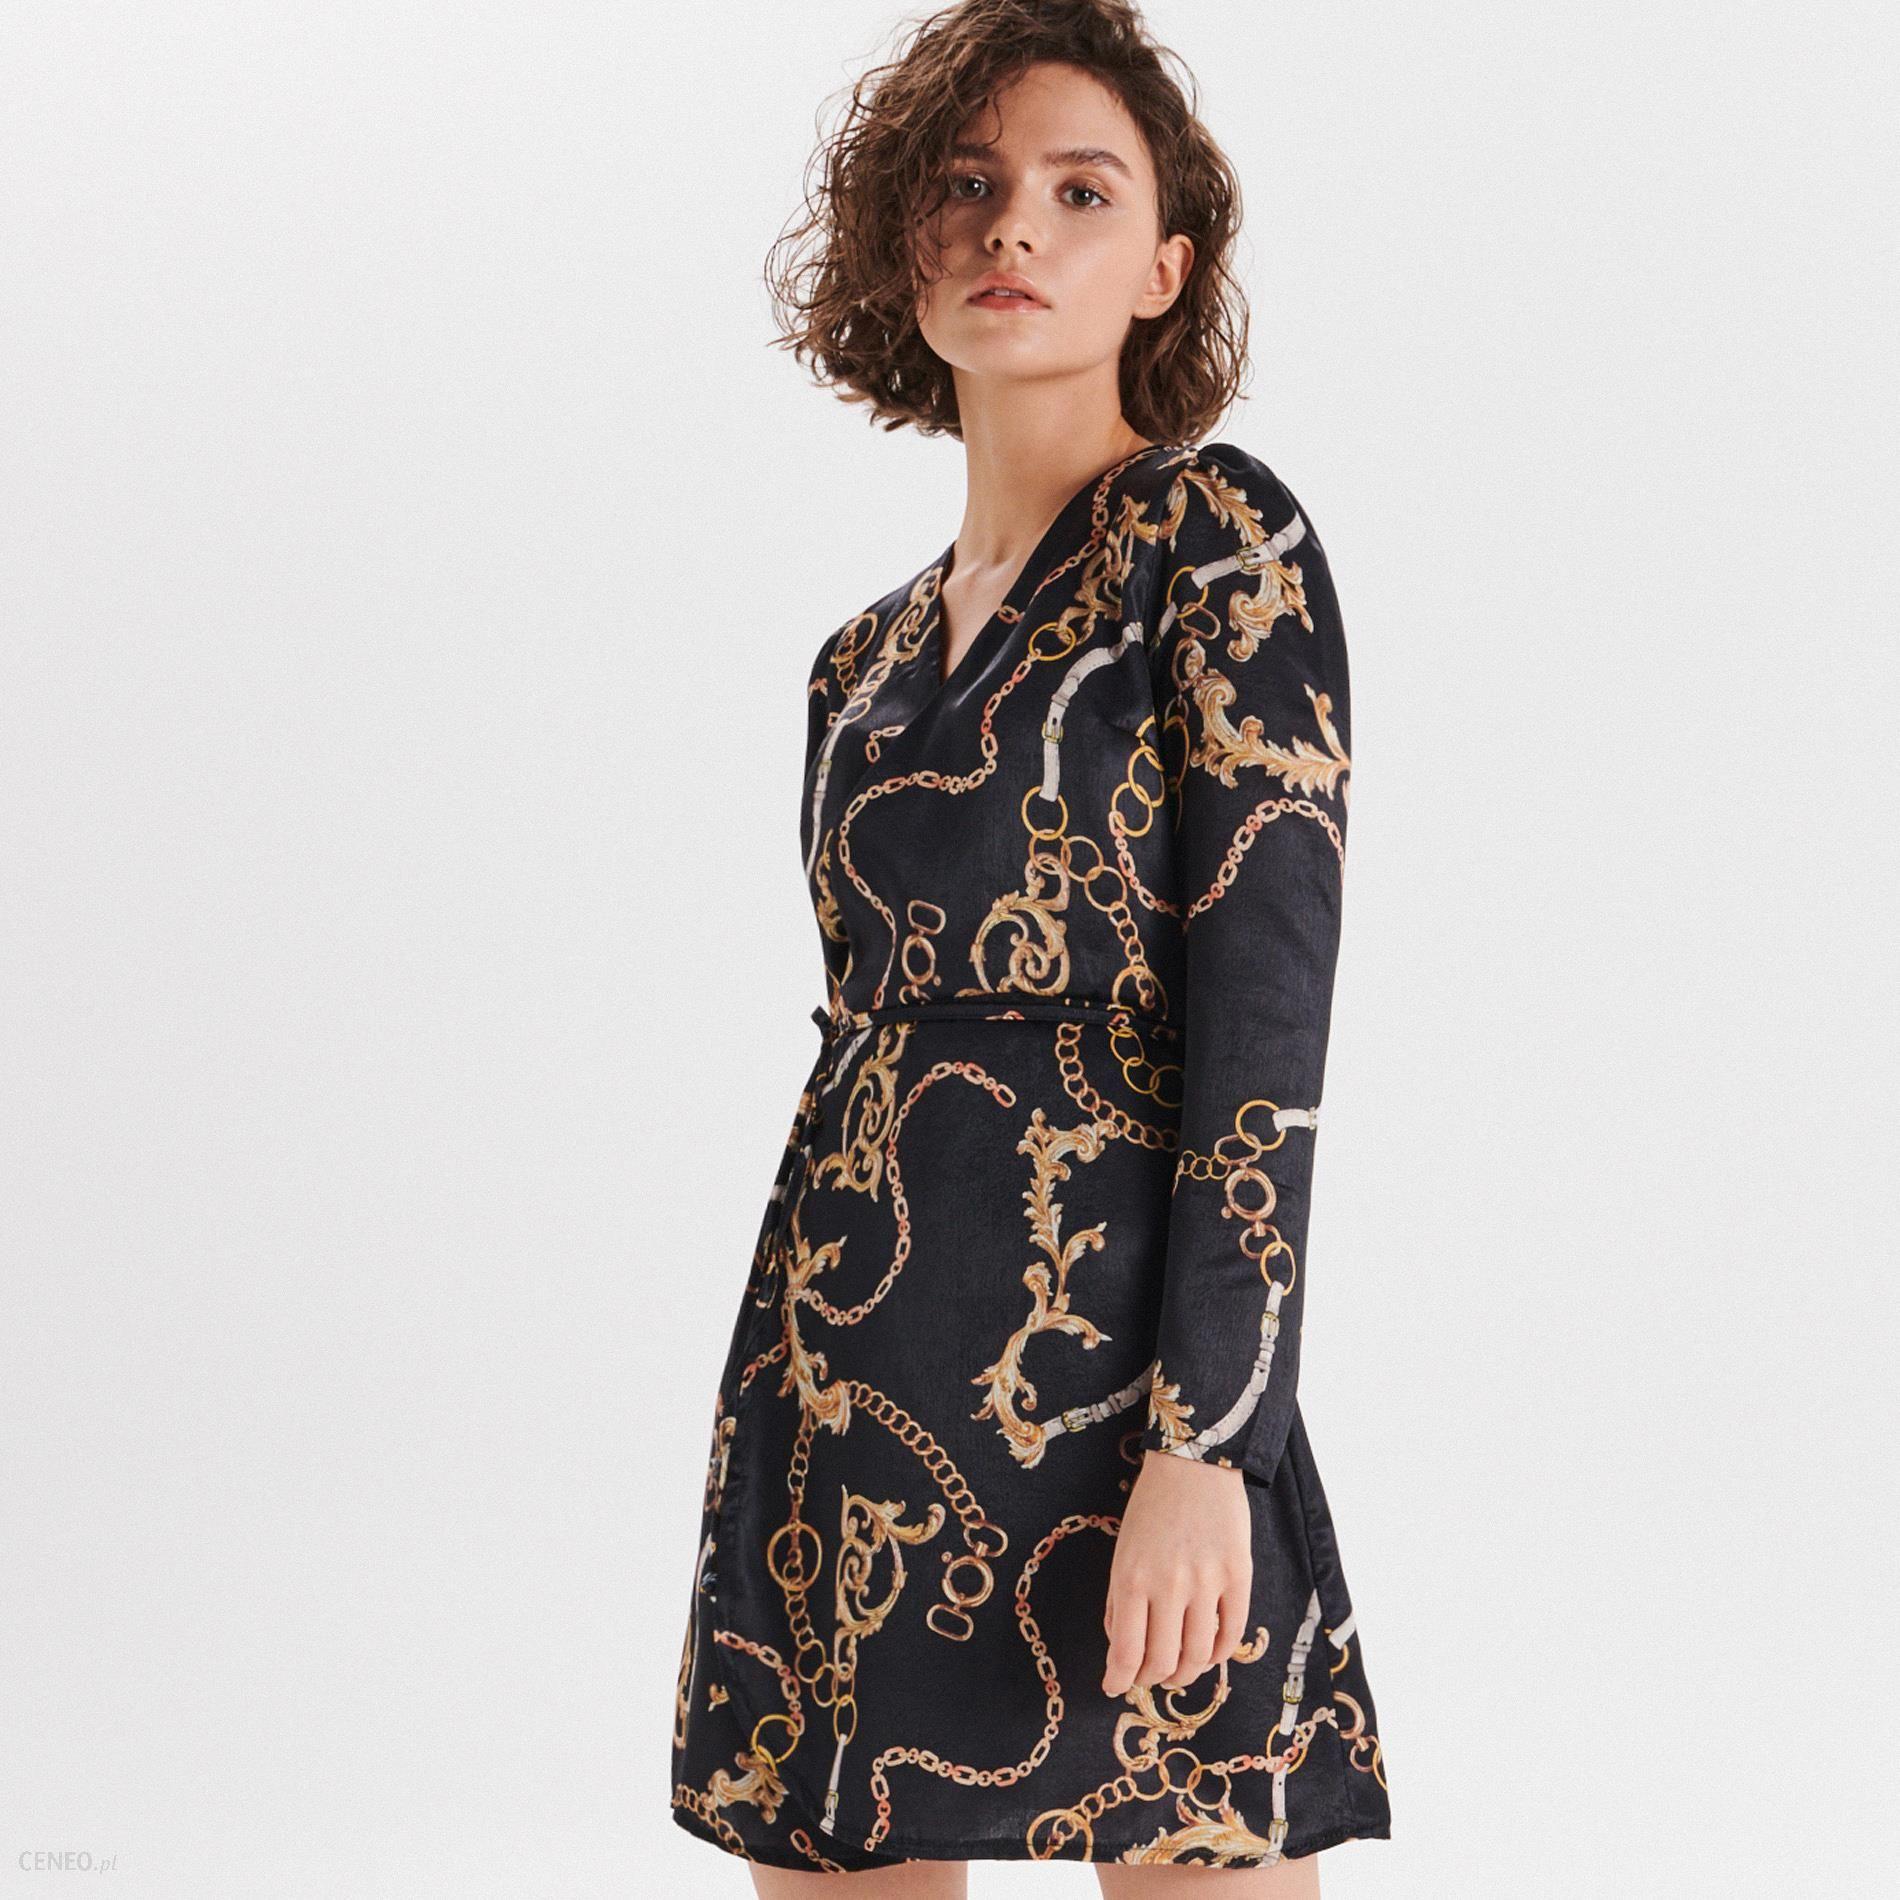 ed43fd248b1f8a Cropp - Sukienka z łańcuchowym wzorem - Czarny - Ceny i opinie ...